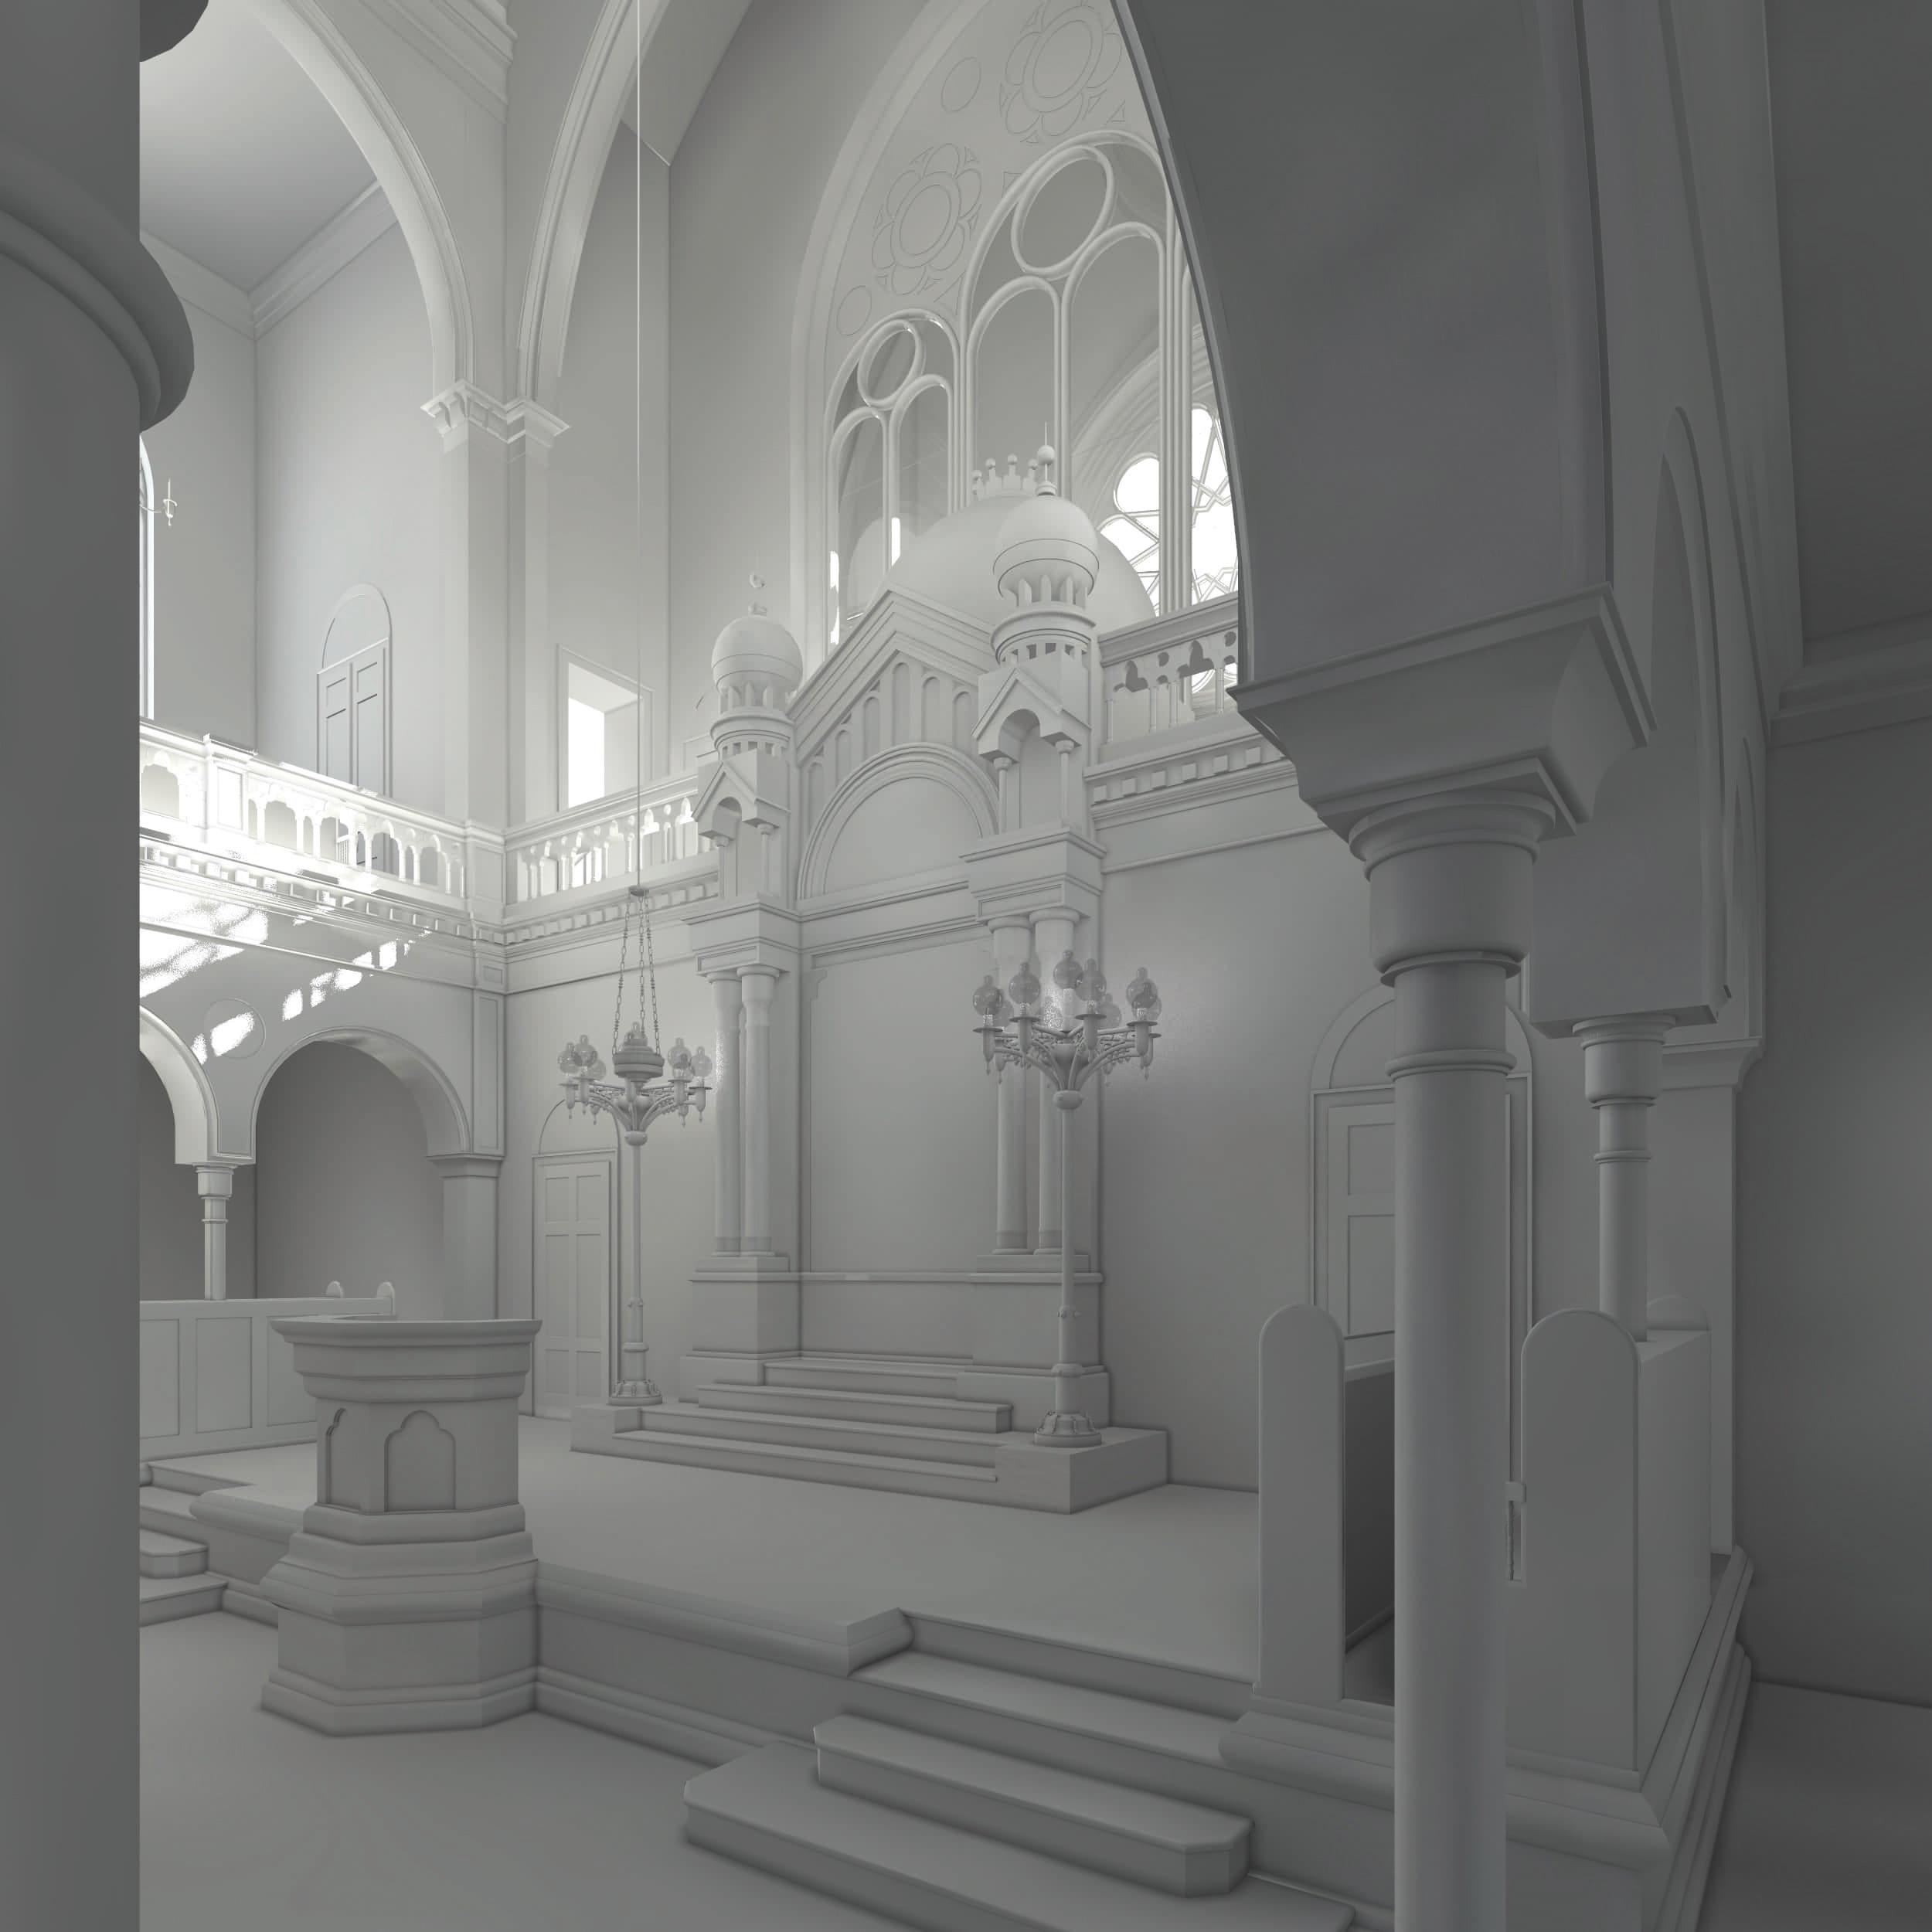 Visualisierung der Synagoge Marienbad, Innenansicht, Thoraschrein, Weißmodell